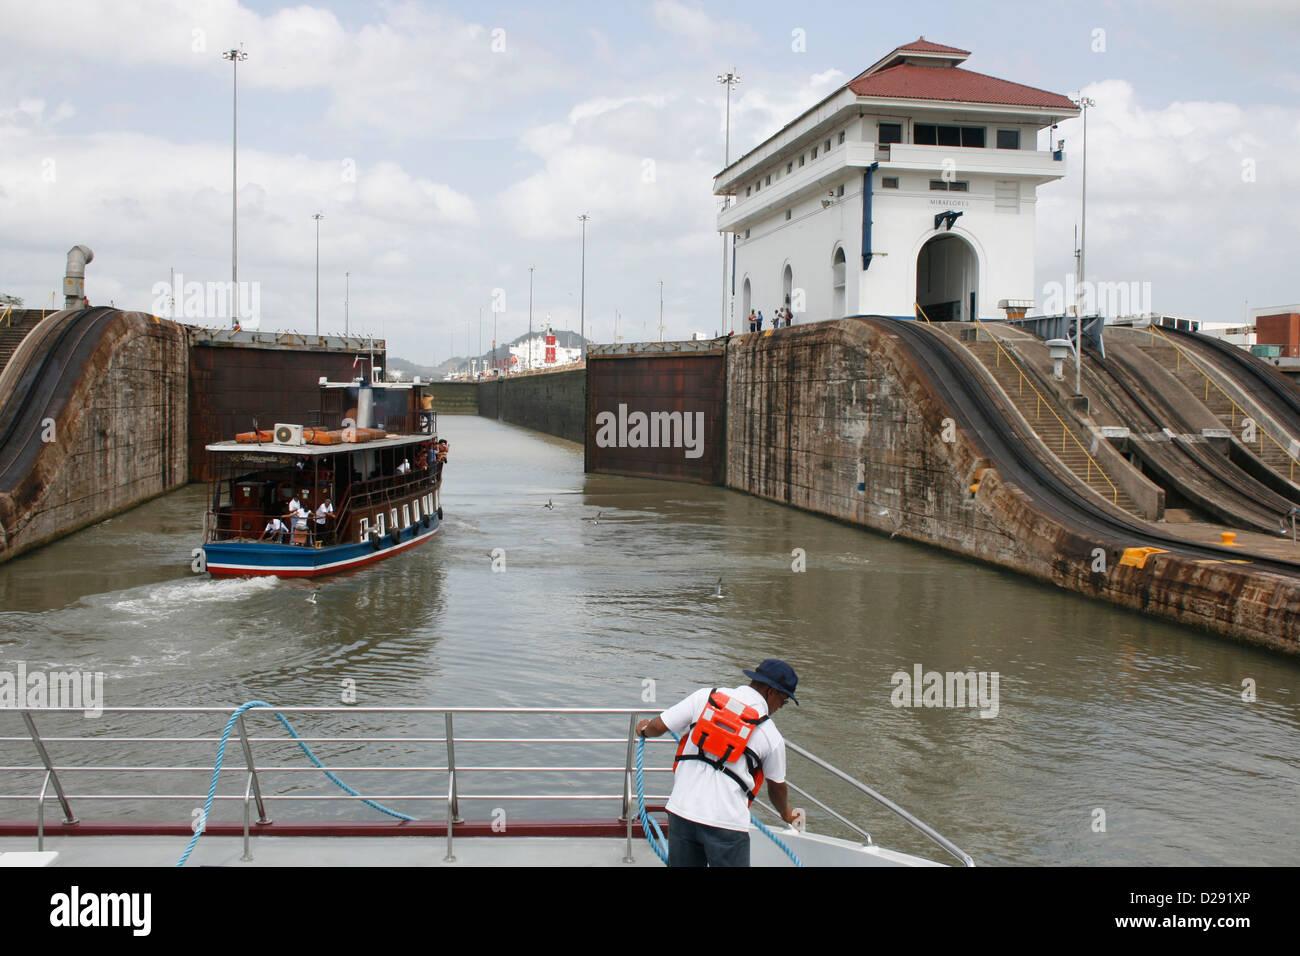 Panama, Passing Through Canal Locks - Stock Image